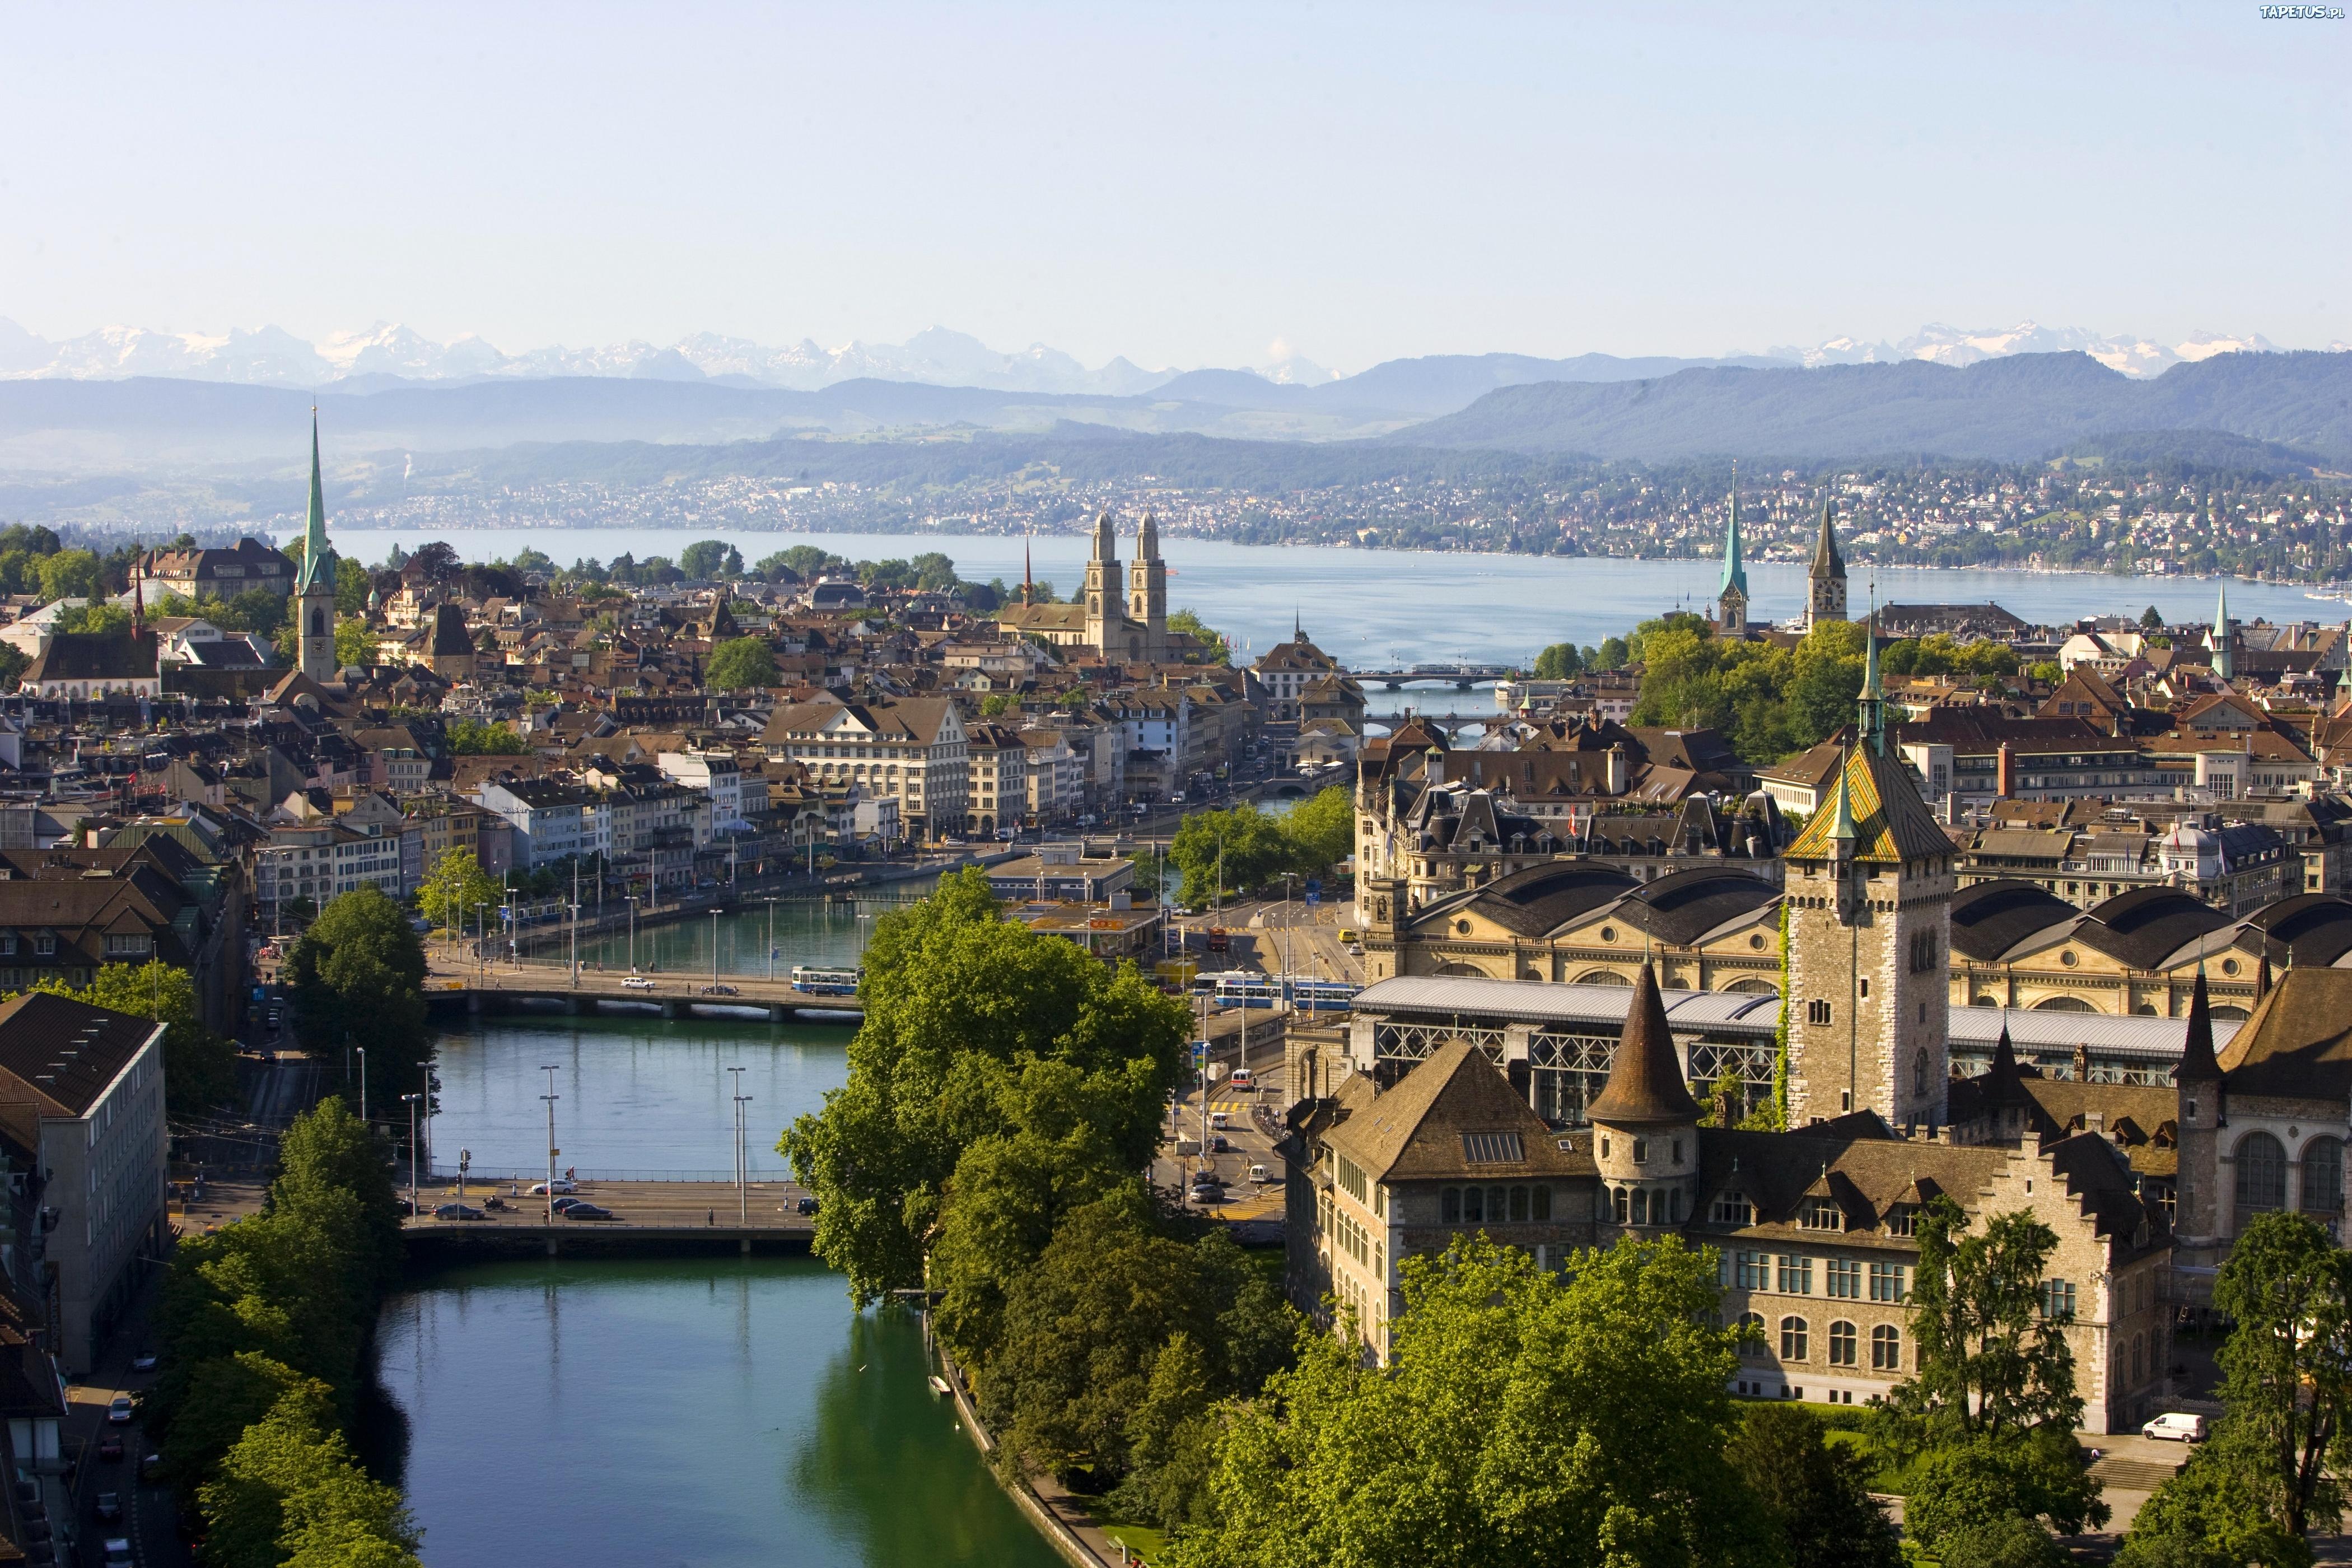 Zurych, Szwajcaria, Dom, Kanał, Rzeka